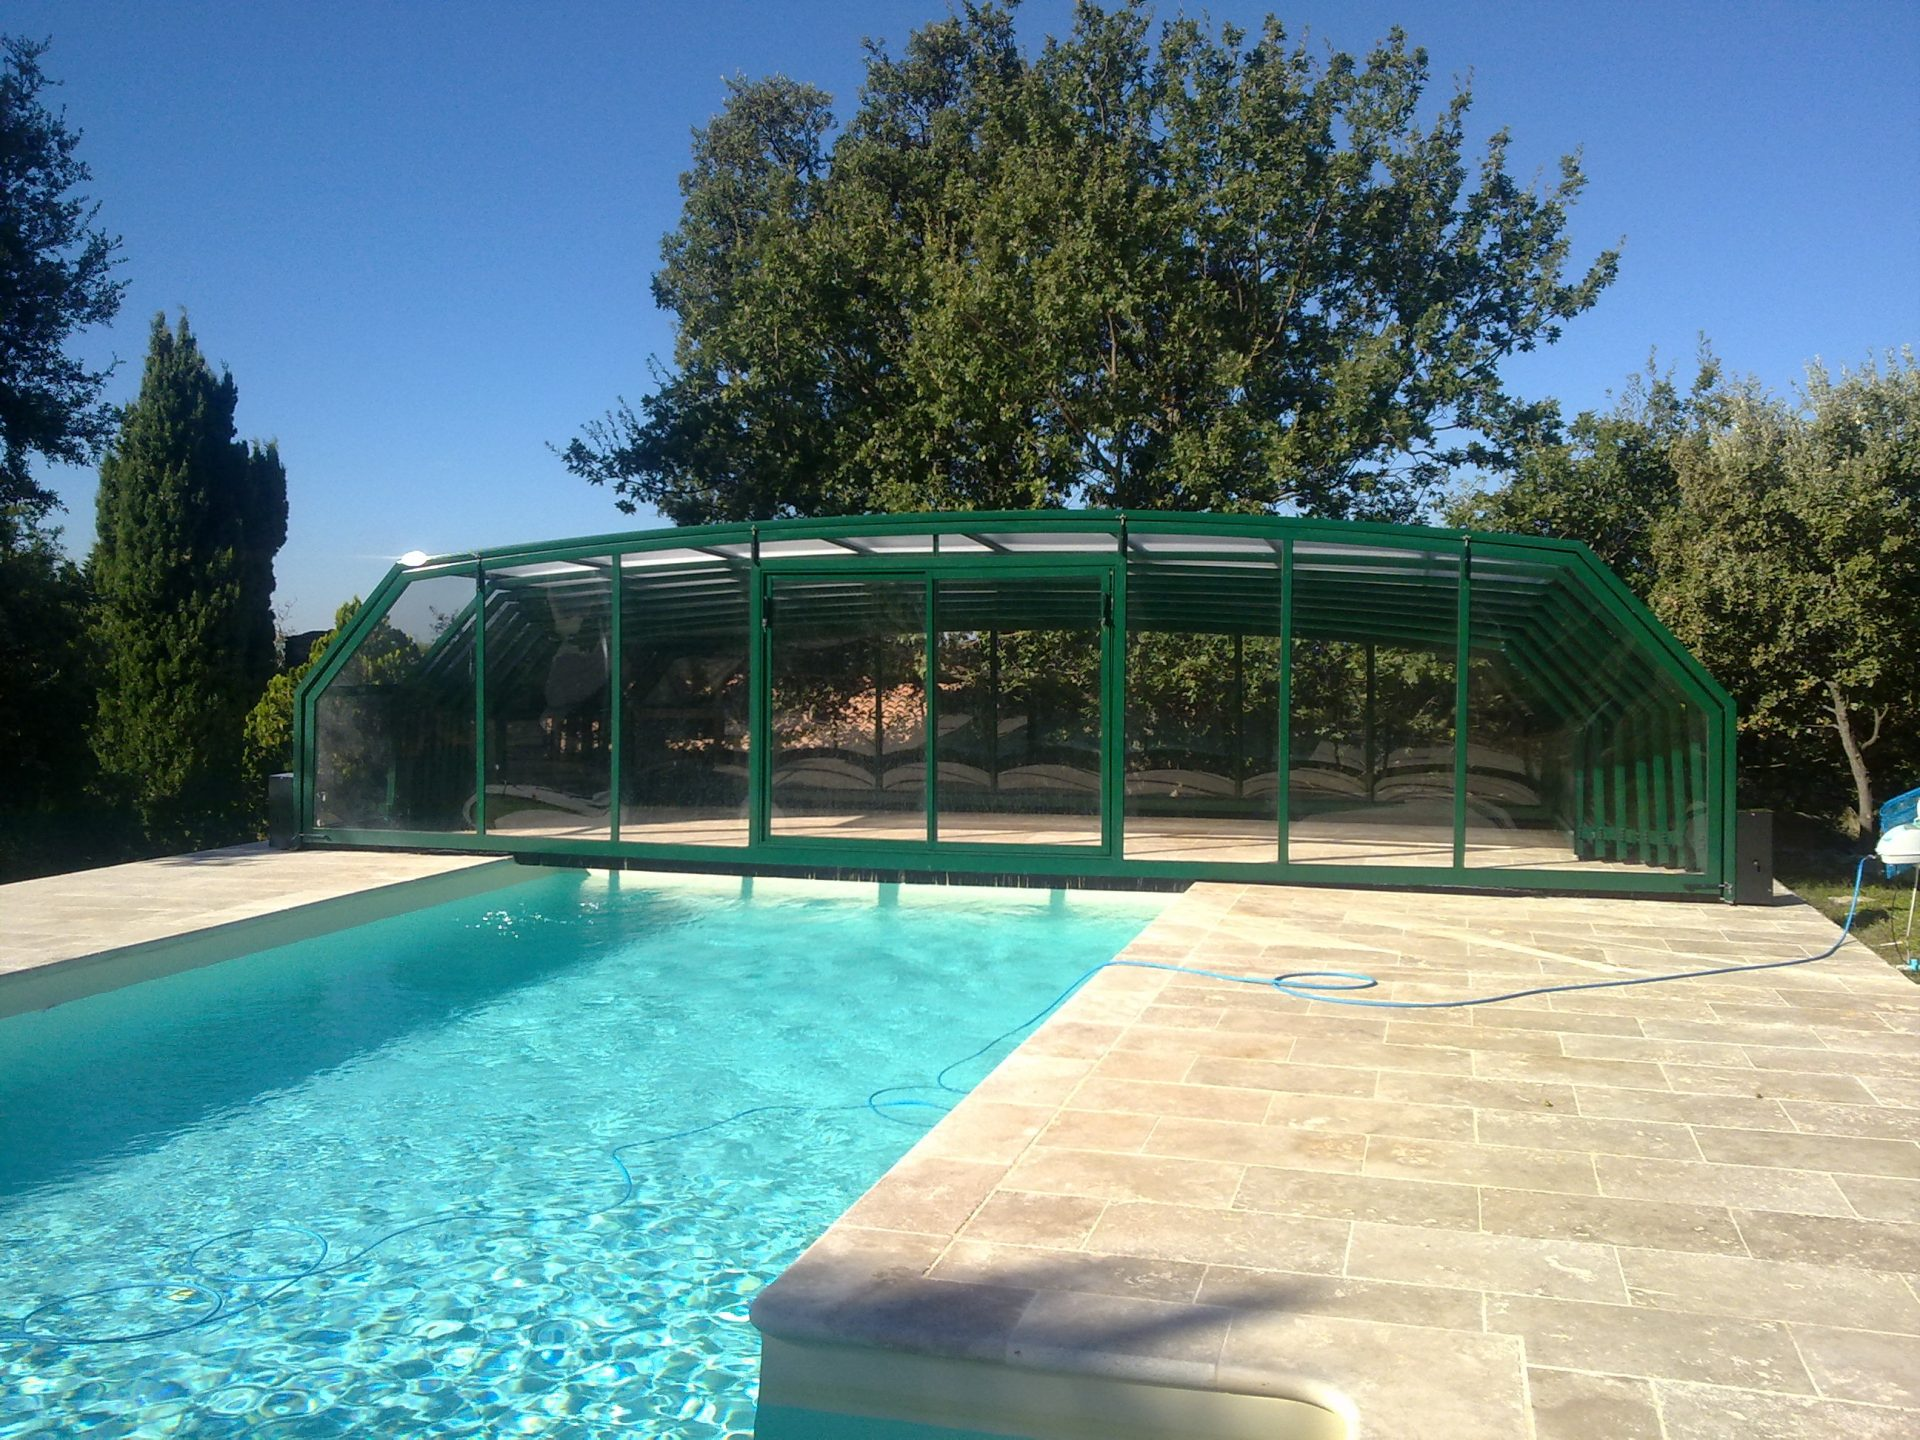 Abri piscine sur mesure les mod les bel abri for Abri coulissant piscine